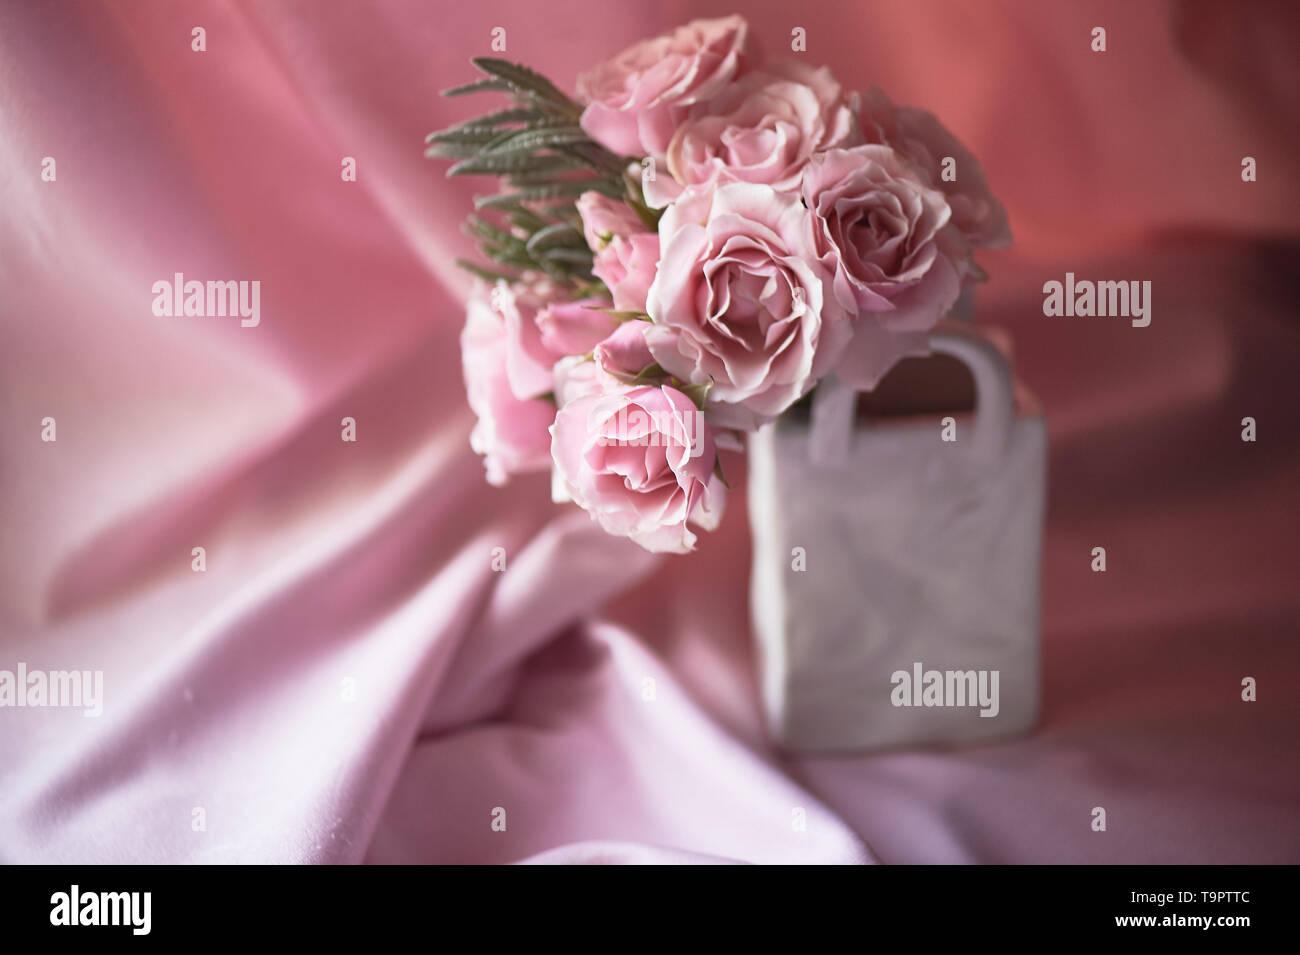 Einen kleinen Blumenstrauß aus Rosen. Hochzeit Floristik. Zarte Pastellfarben. Vase bag Stockbild